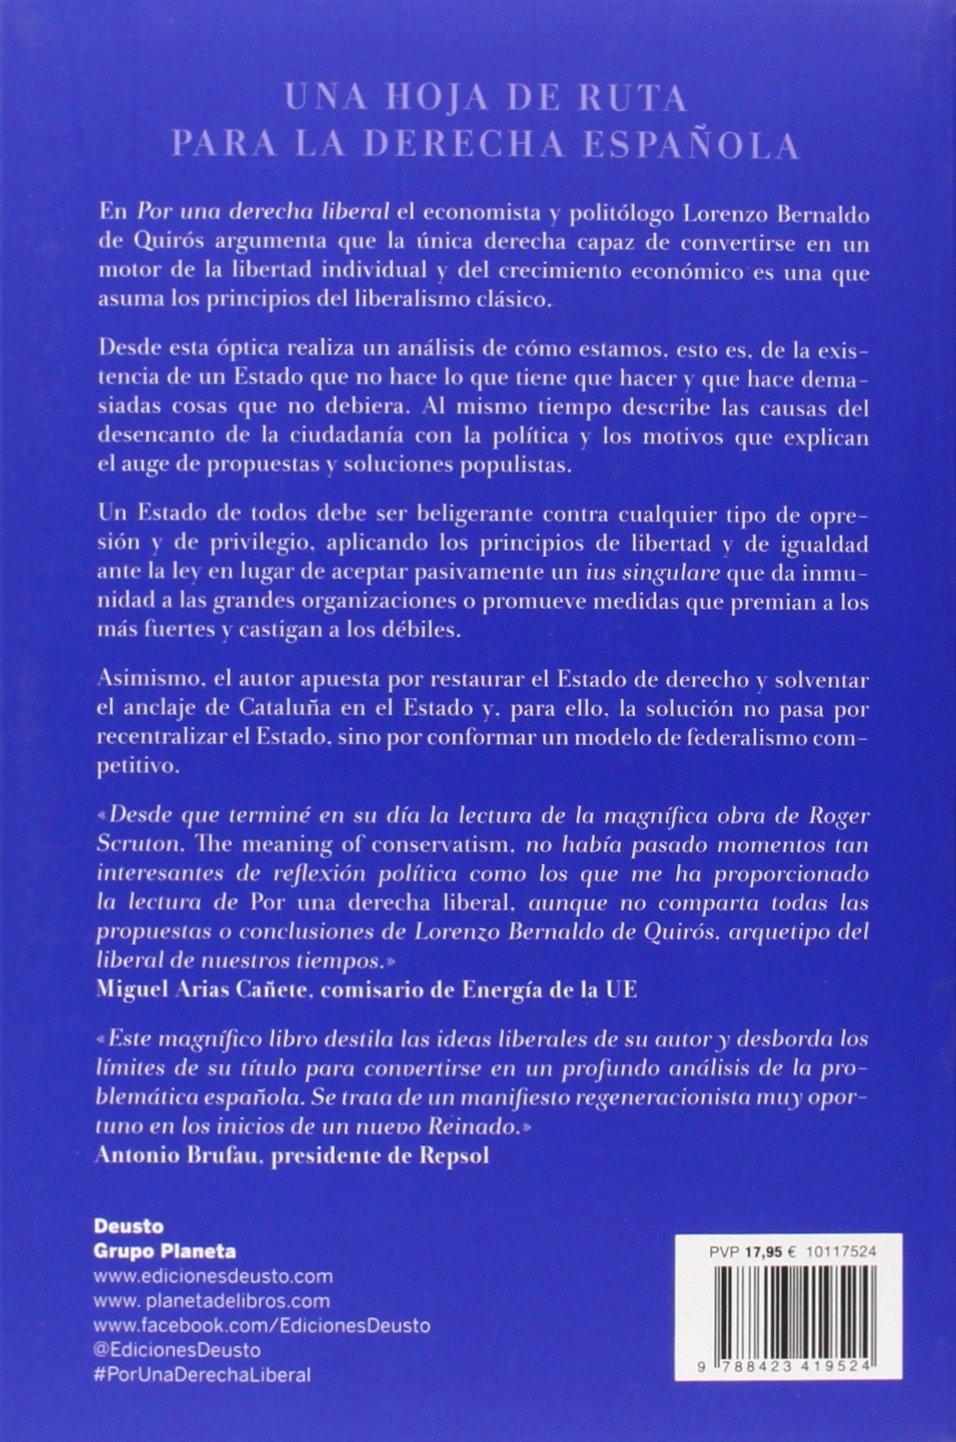 Por una derecha liberal: Un razonamiento acerca de por qué la derecha española debe alejarse del conservadurismo y acercarse al liberalismo si desea ... de las próximas décadas Sin colección: Amazon.es: Bernaldo